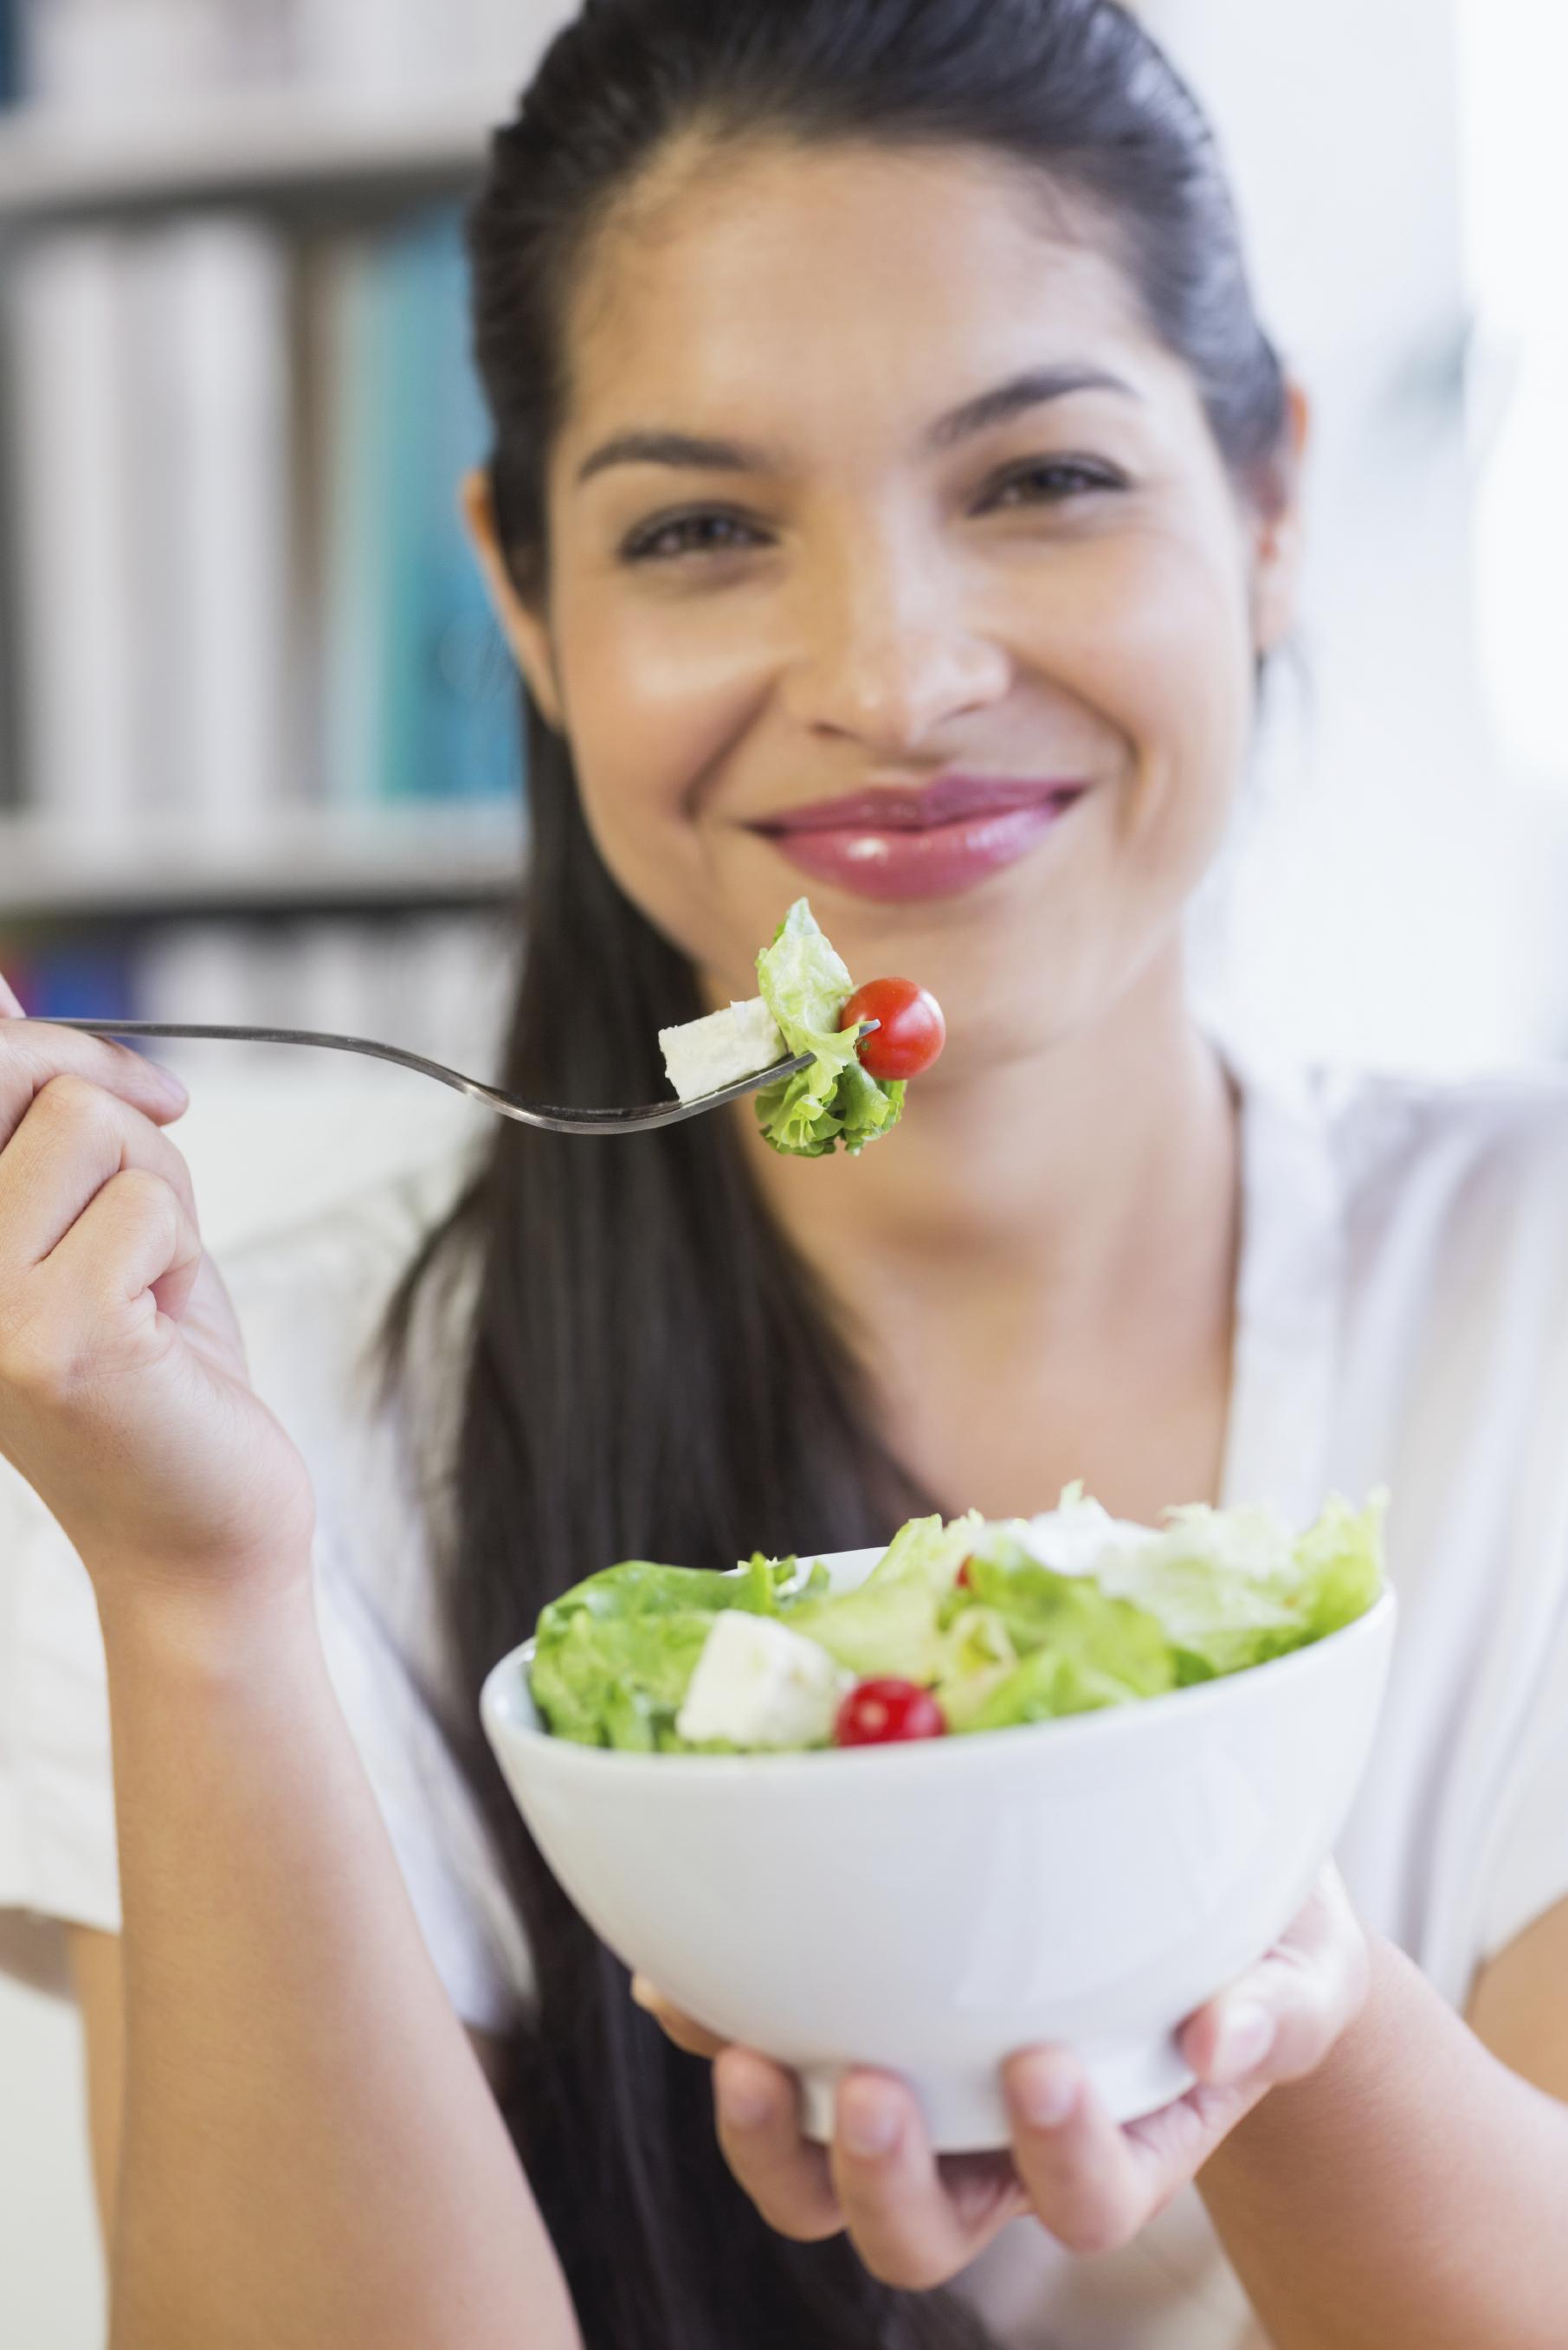 Mujer morena comiéndose una ensalada